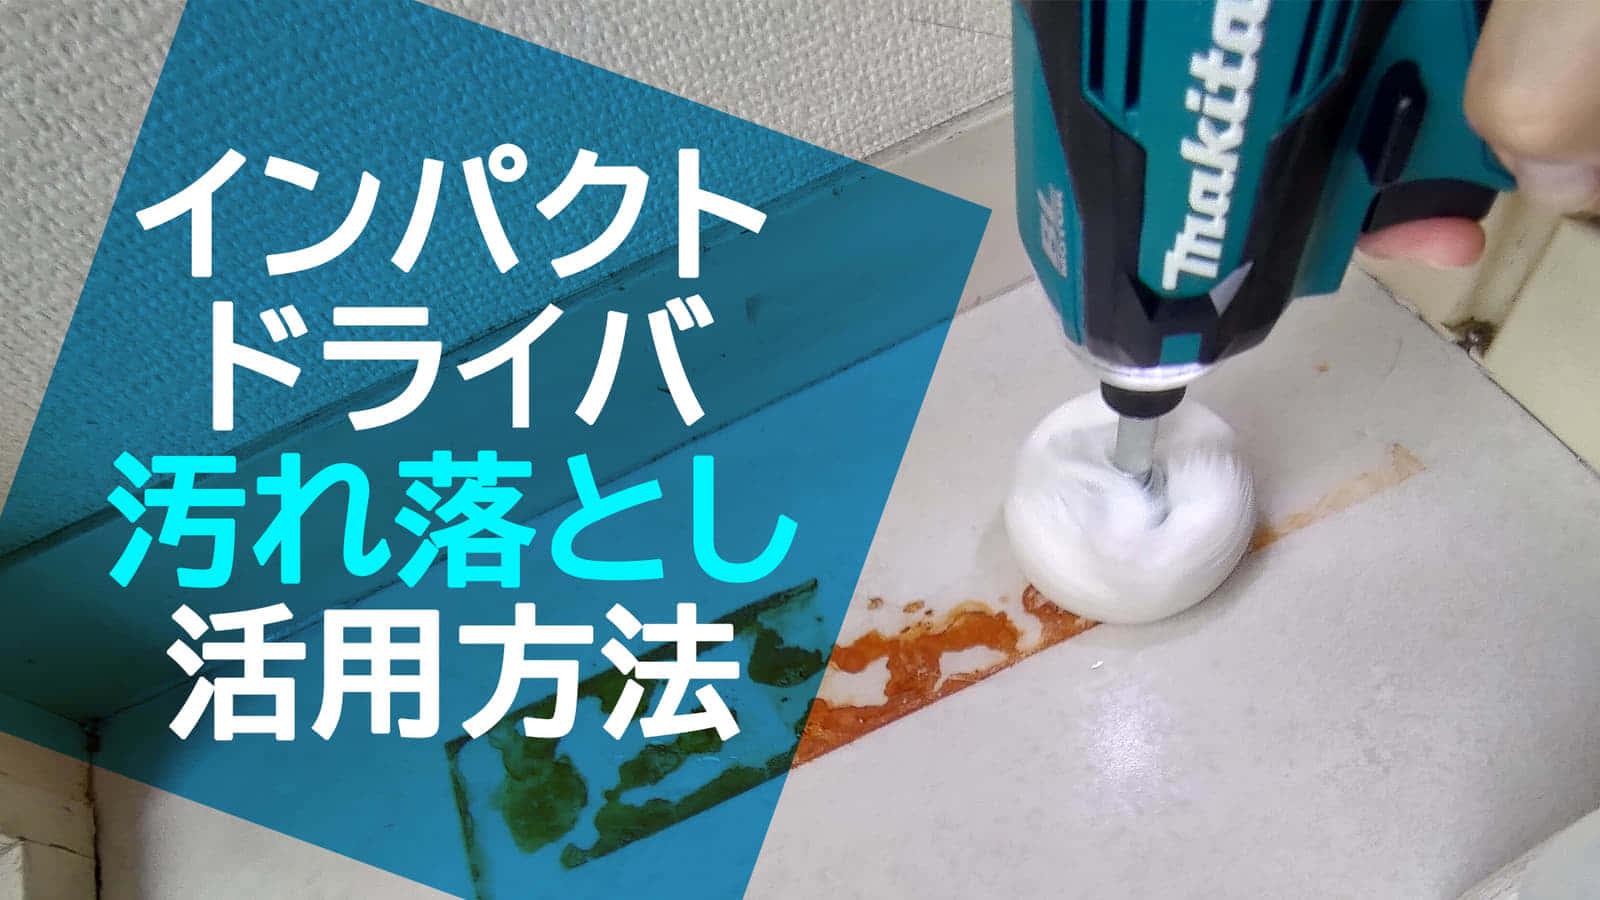 インパクトドライバを清掃器具に活用、床汚れを電動工具で綺麗にする